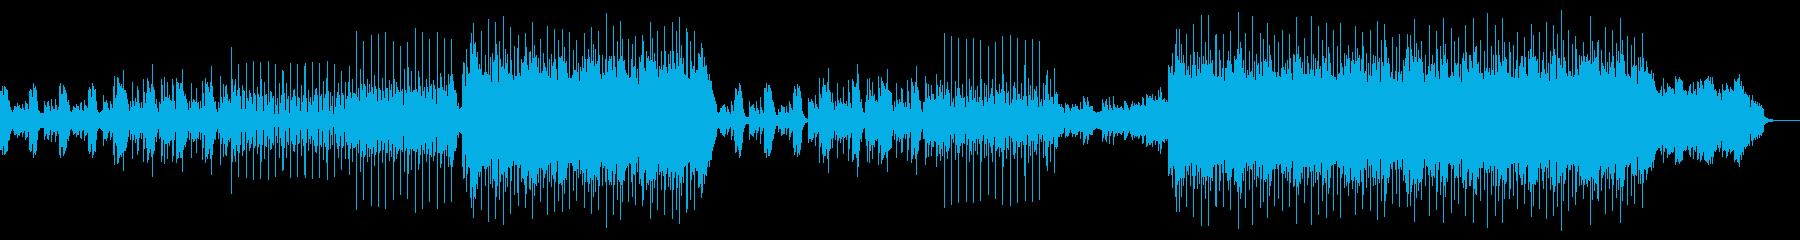 洋楽ポップス1(No Vocal)の再生済みの波形